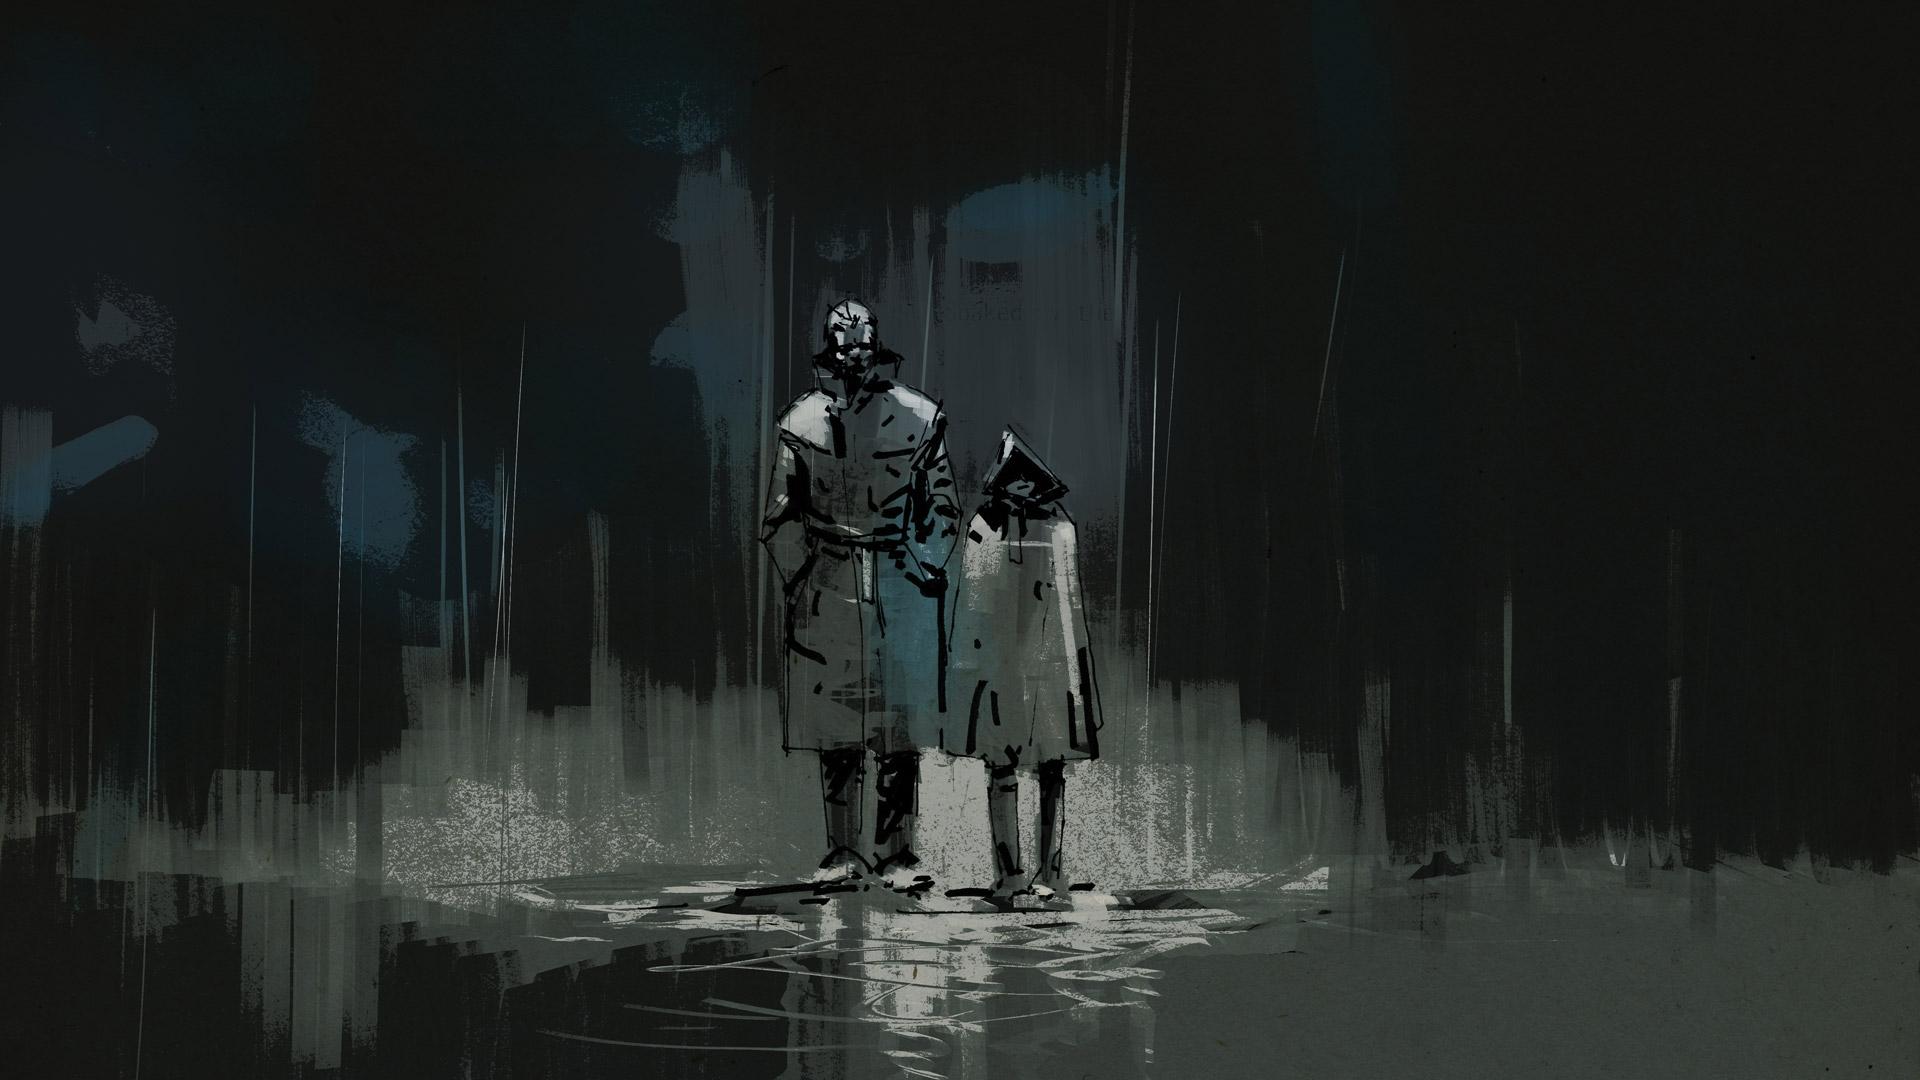 Metal Gear Solid: Peace Walker Wallpaper in 1920x1080